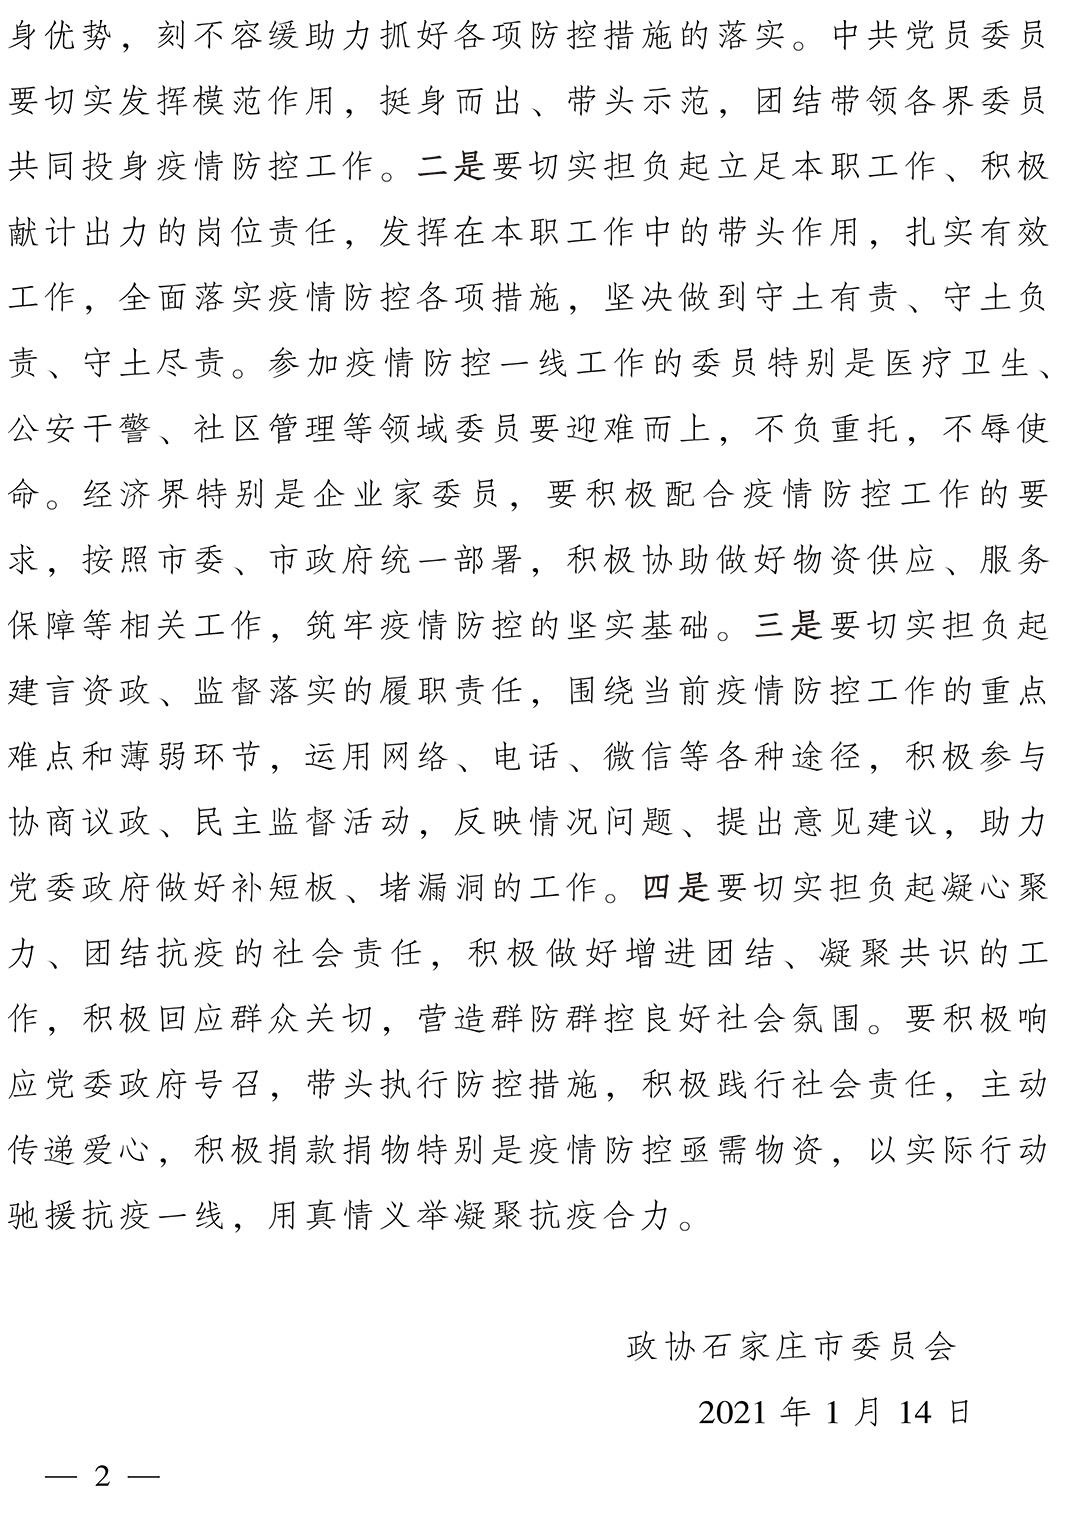 致广大政协委员的一封信-2.jpg